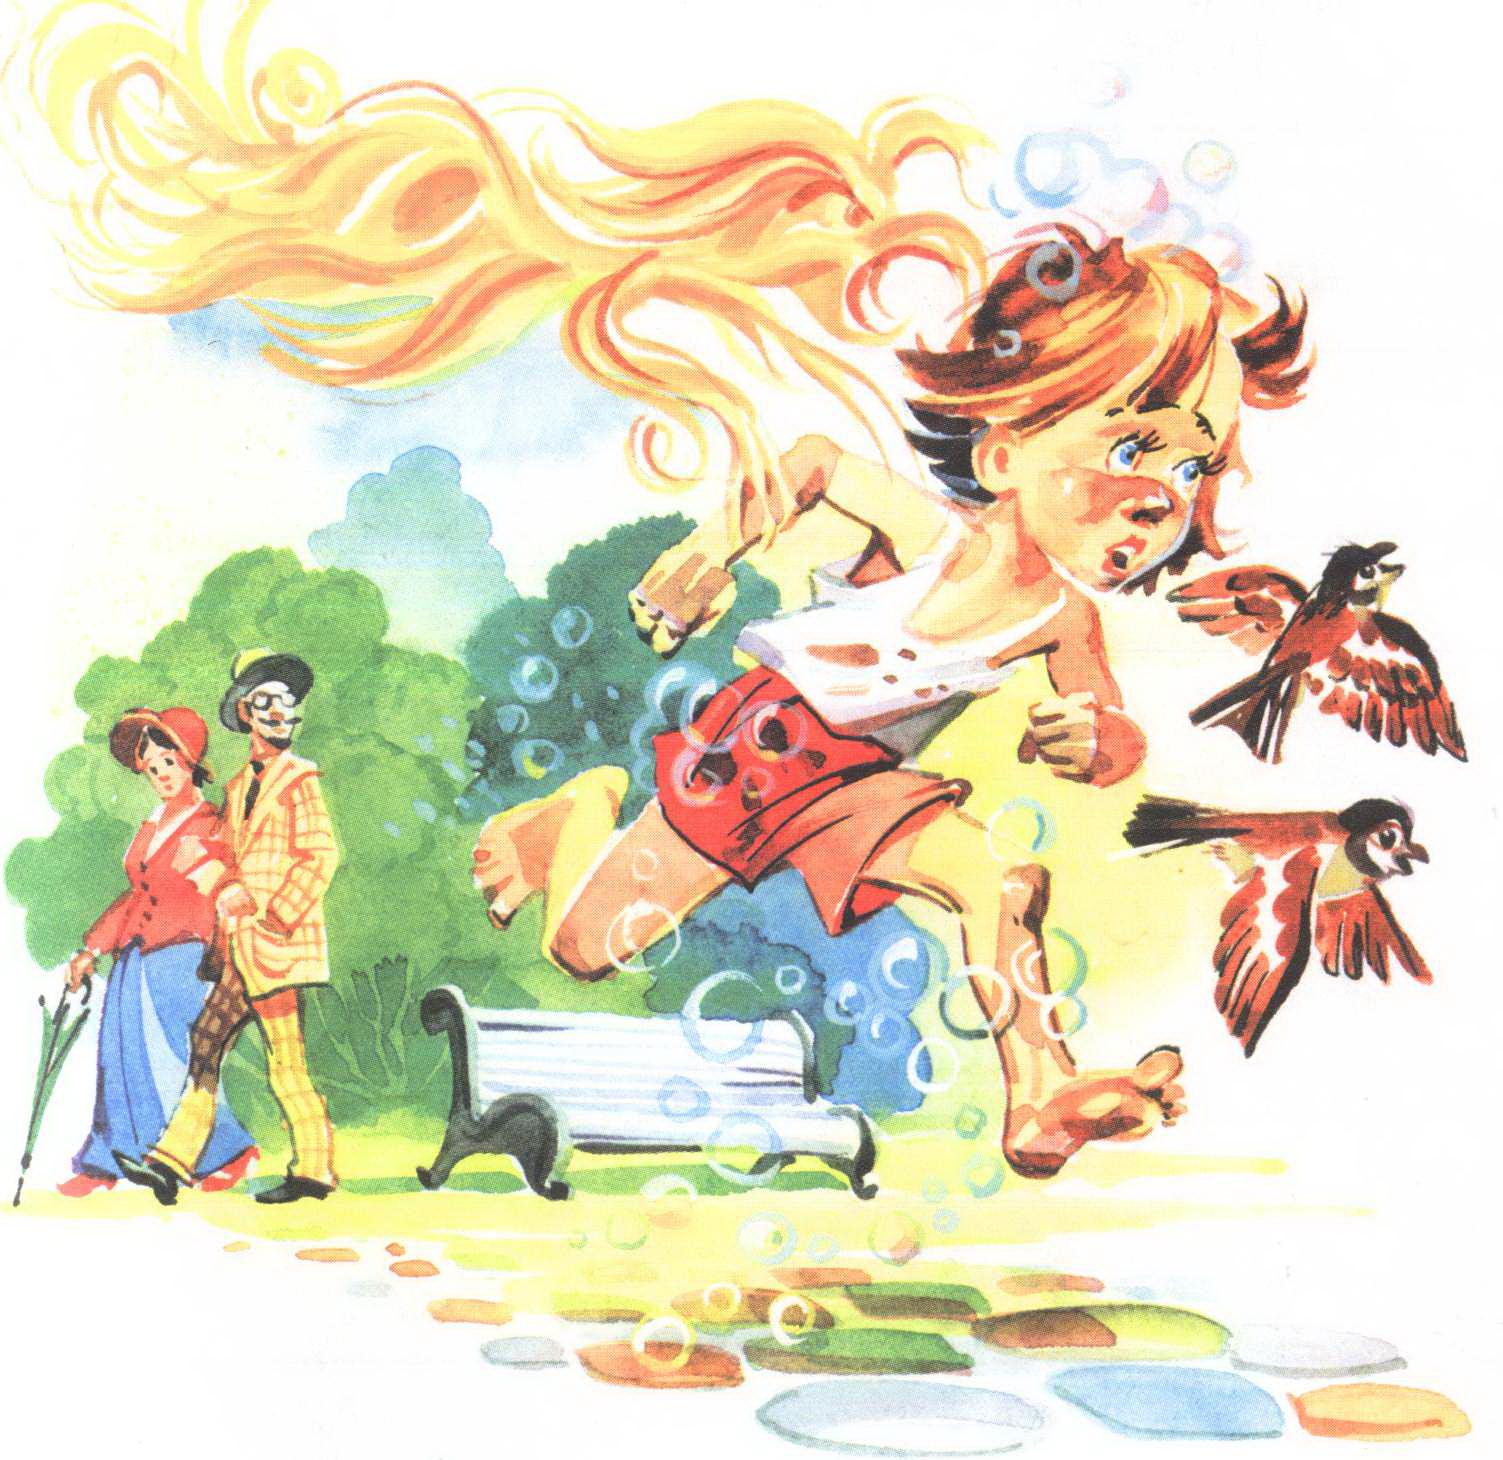 мойдодыр иллюстрация мальчик убегает от мочалки